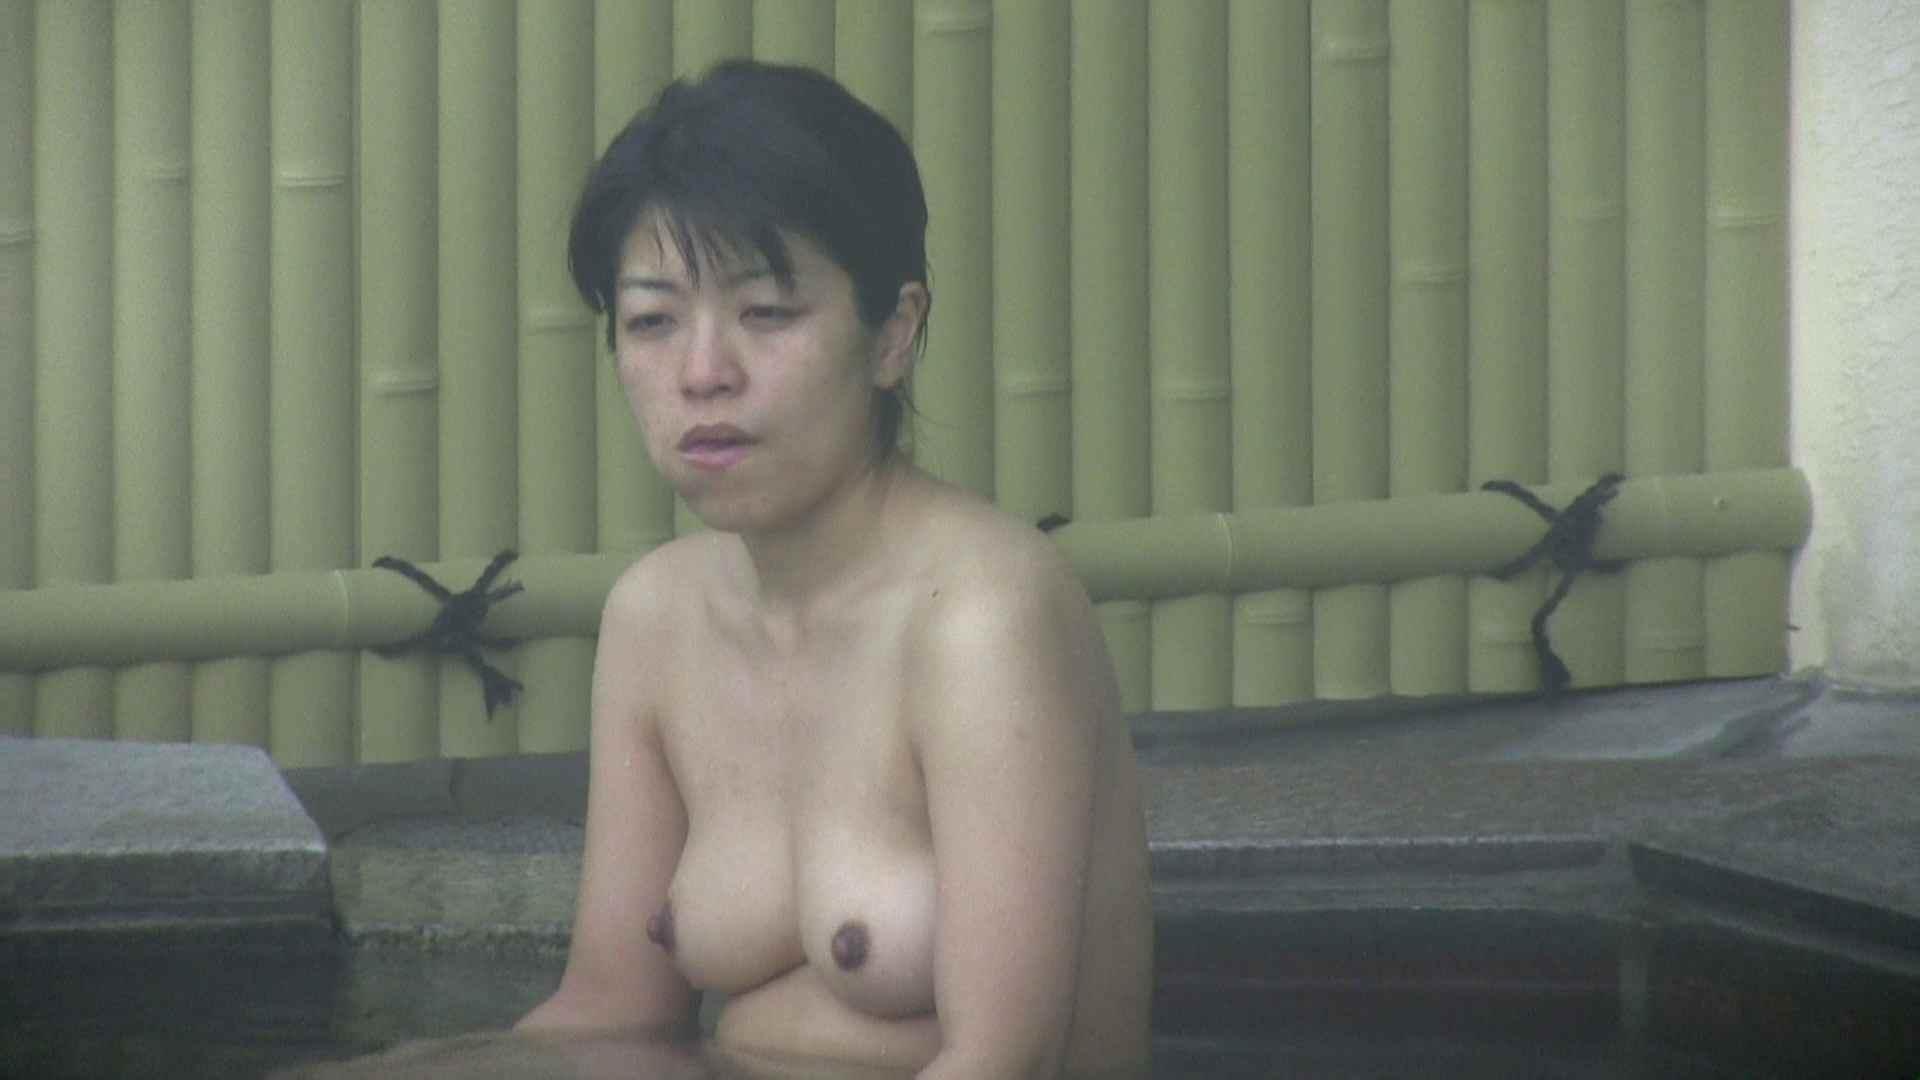 Aquaな露天風呂Vol.585 盗撮  78PICs 27